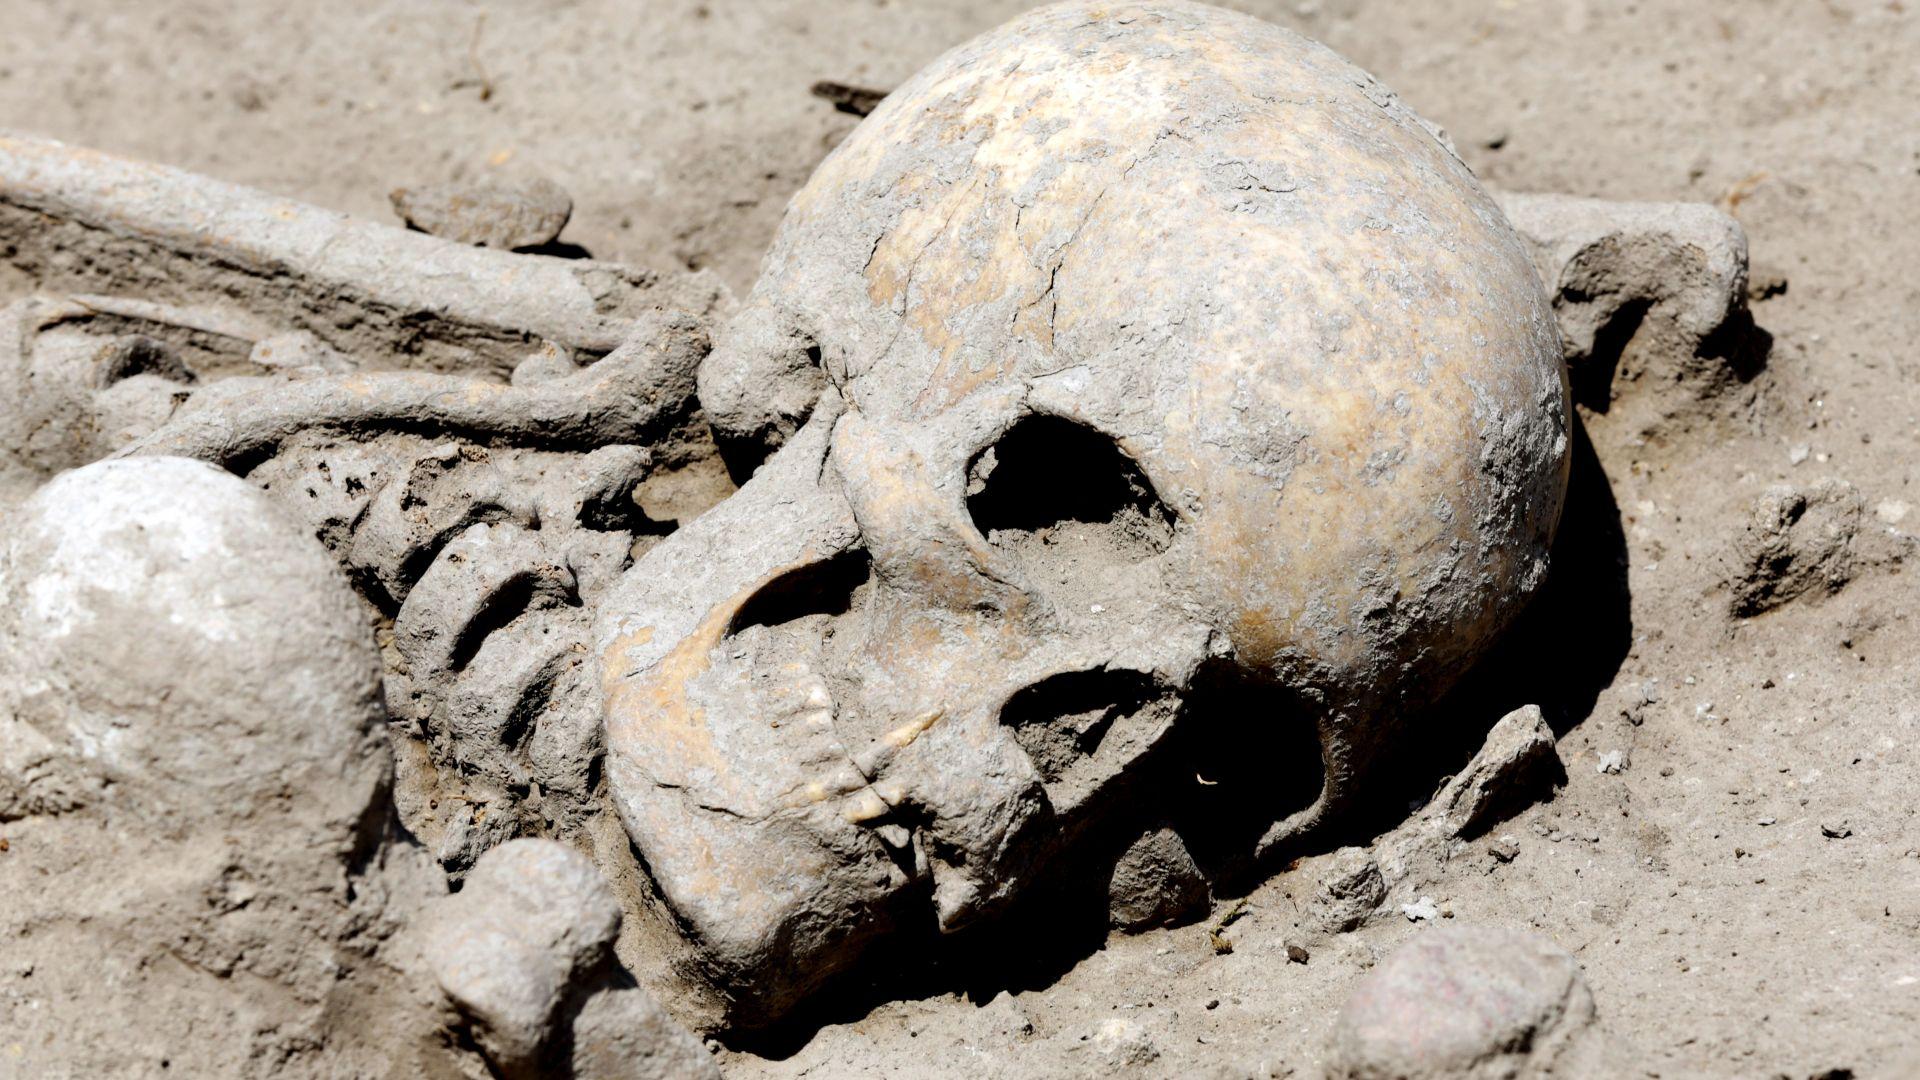 Откриха скелет на 7600 години в столичен квартал (снимки)